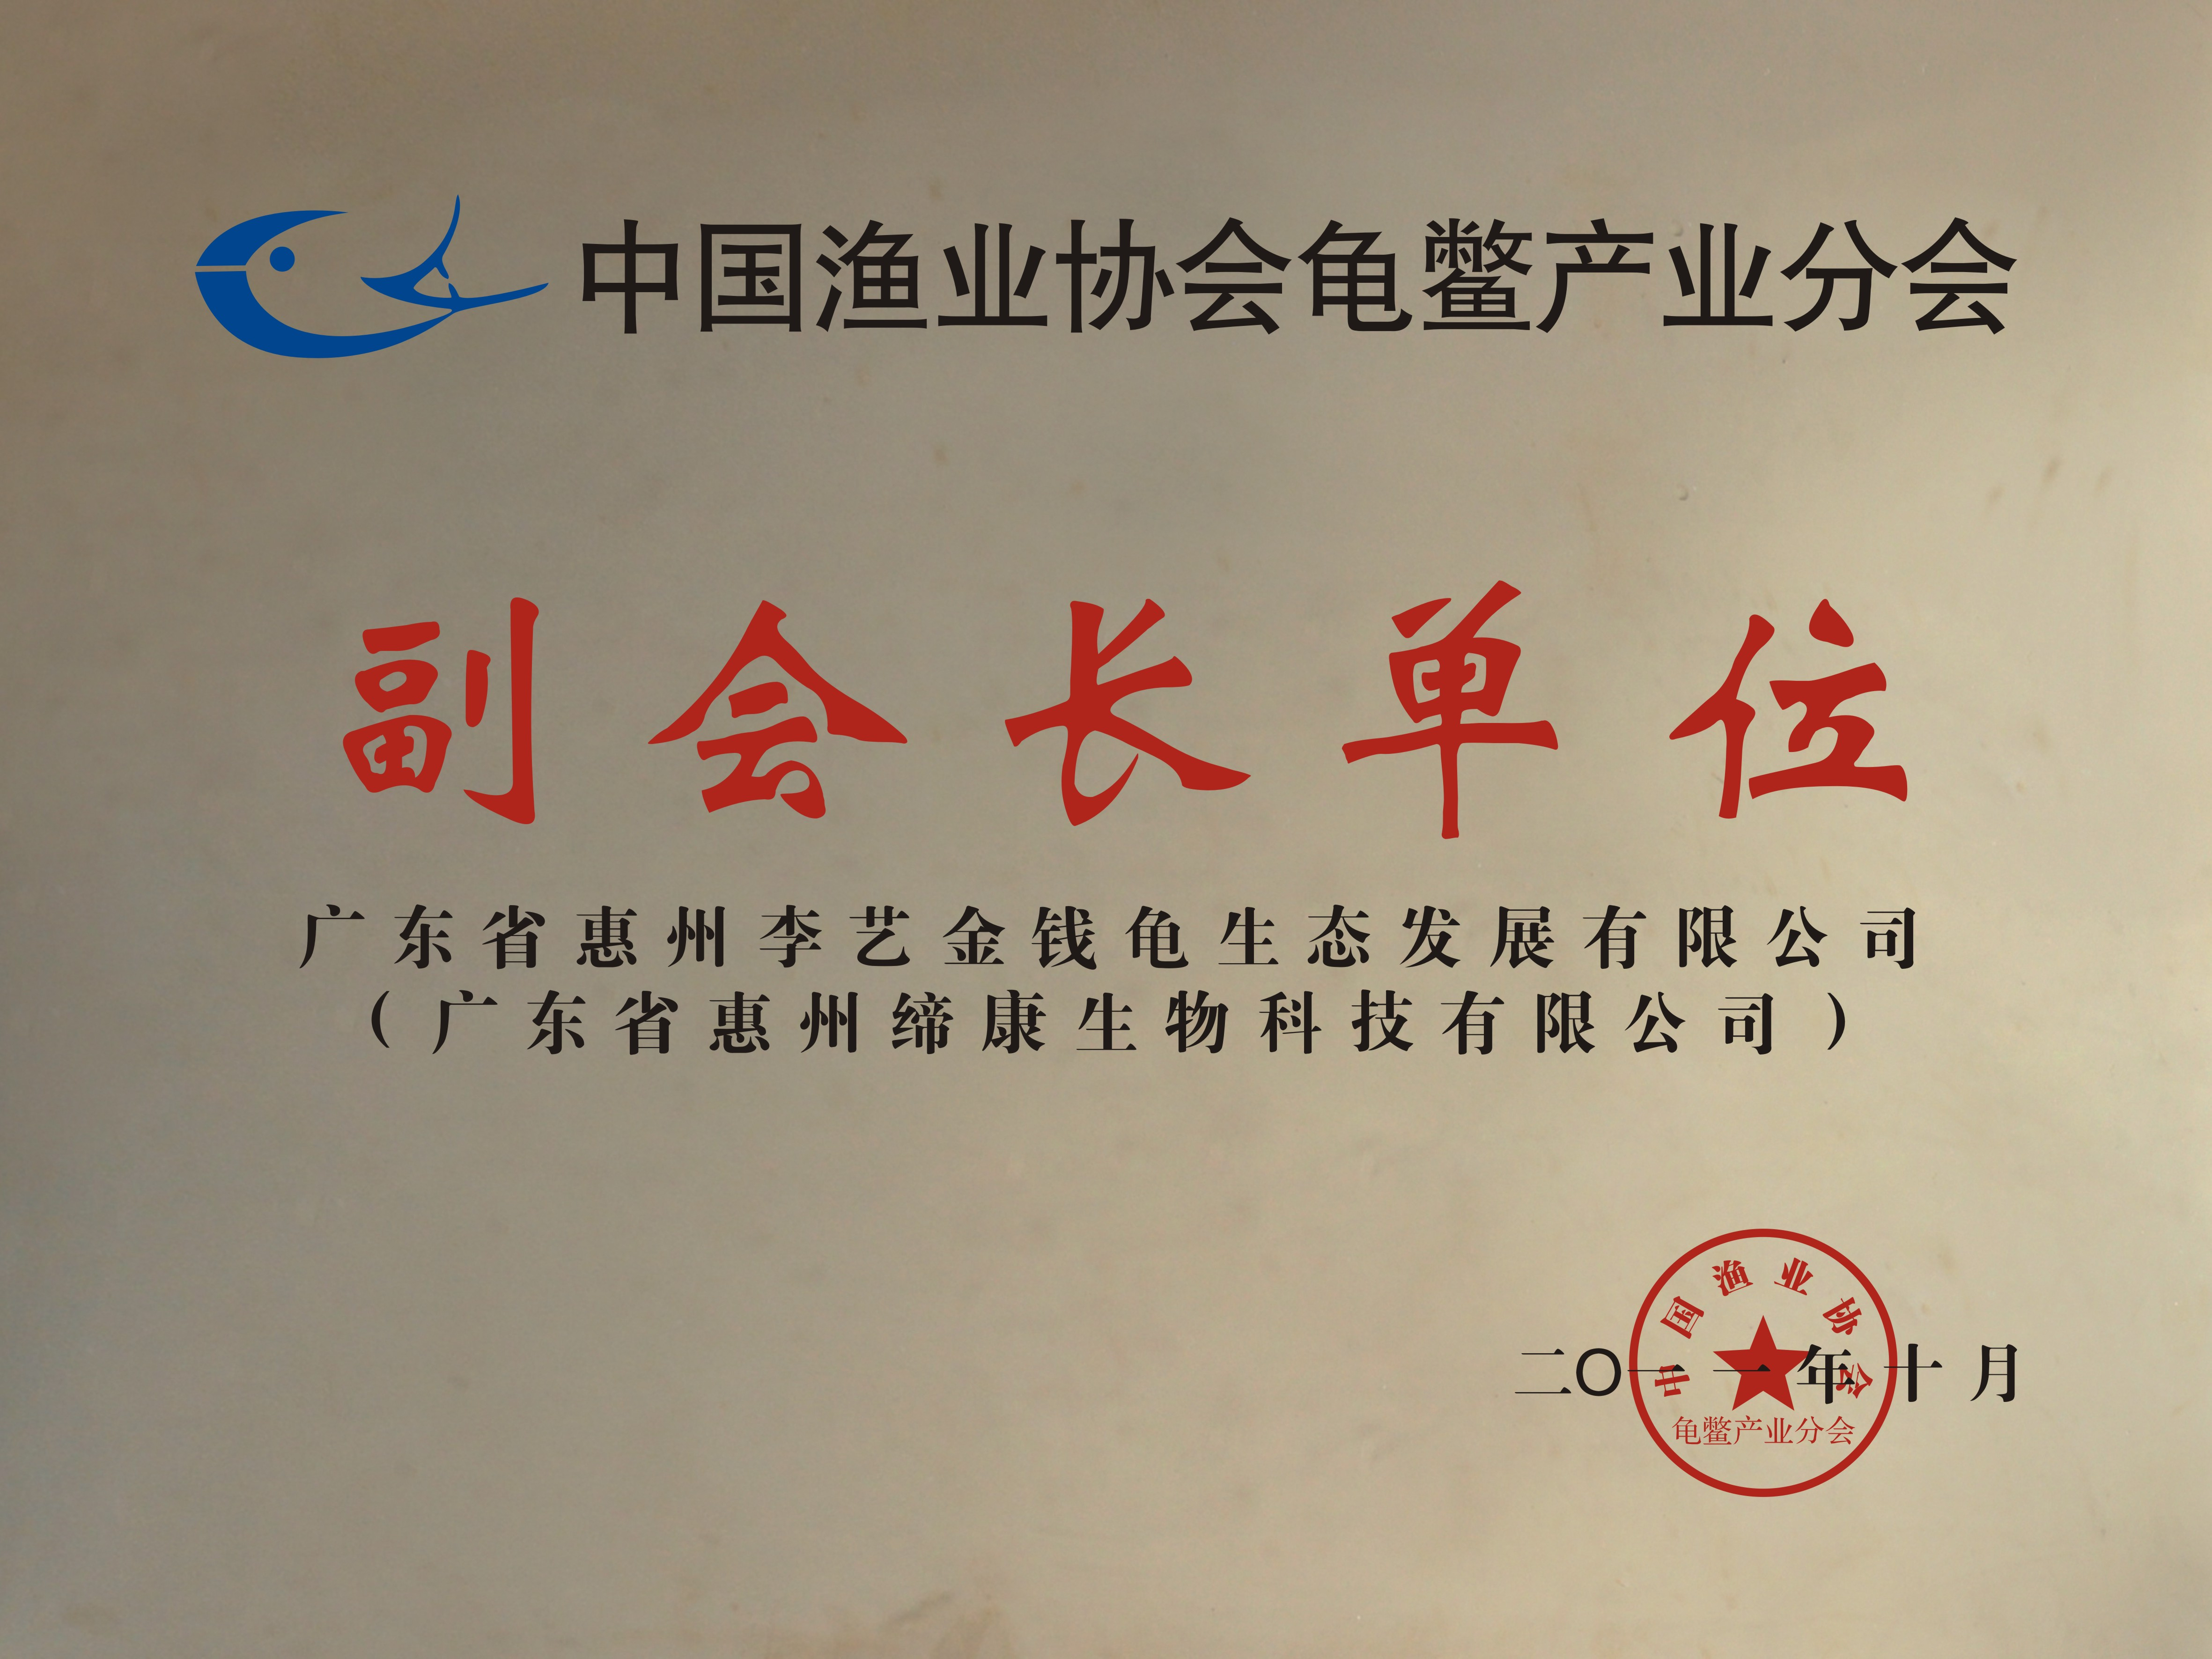 中國漁業協會龜鱉產業分會副會長單位